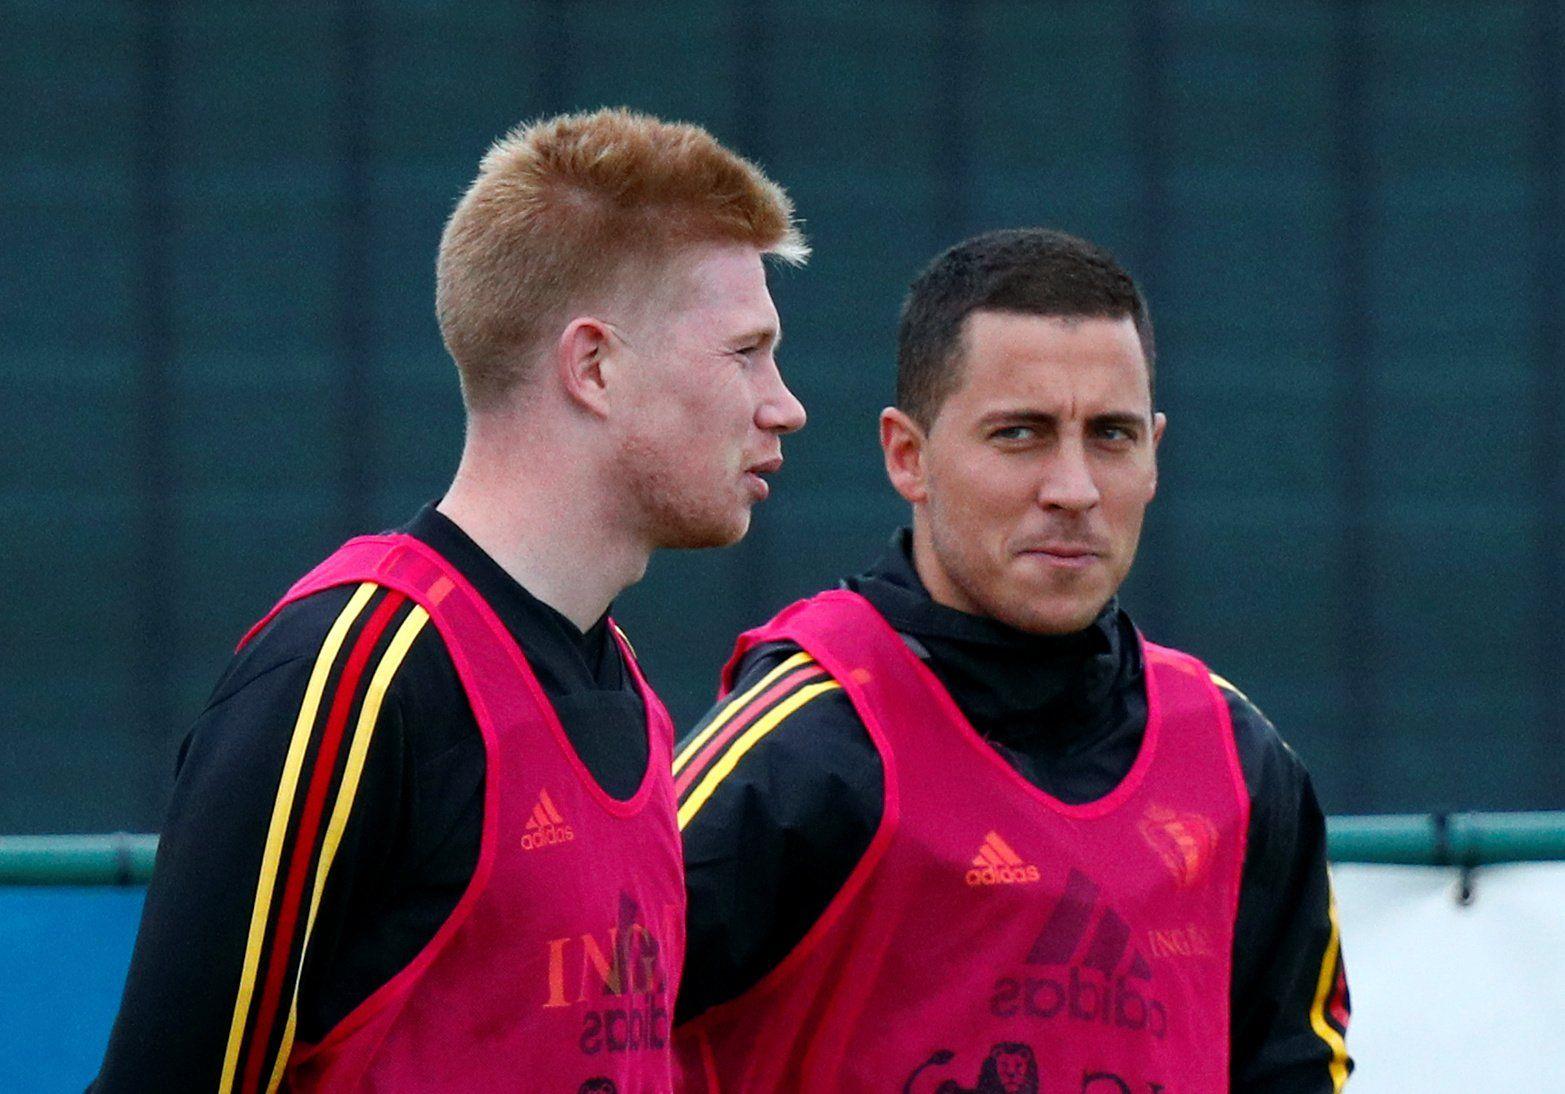 Con Hazard y De Bruyne: el 11 de ensueño que desaprovechó el Chelsea [FOTOS]